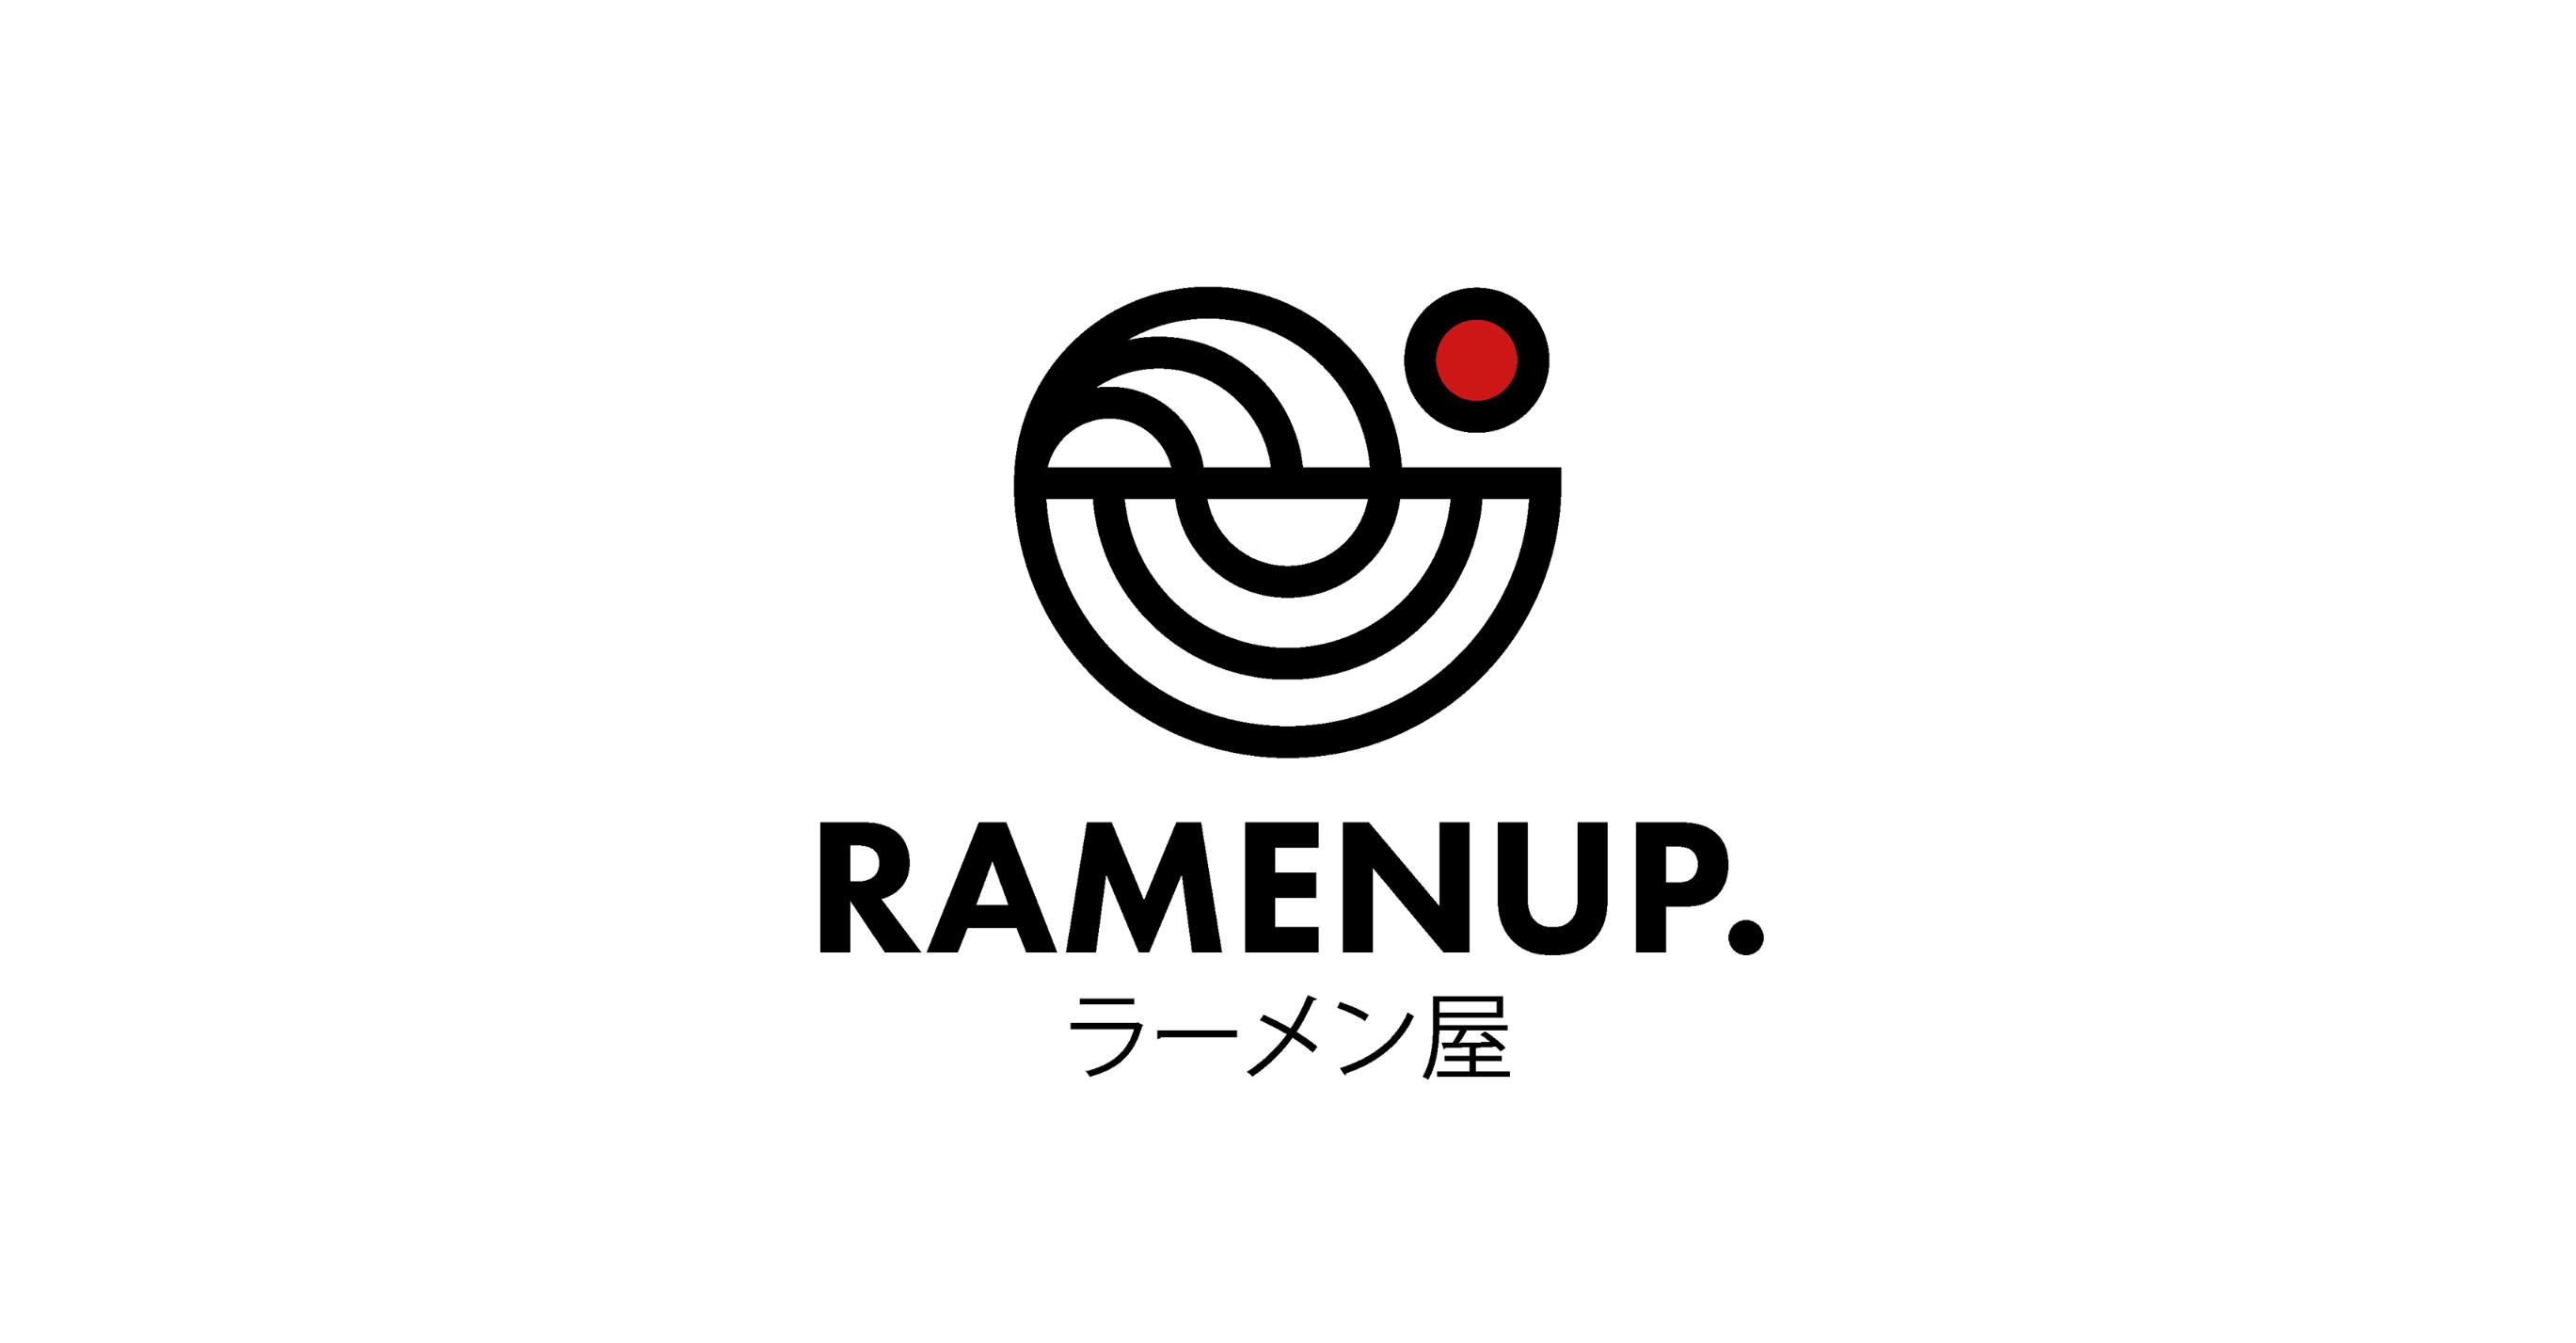 Best R Logodesign Images On Pholder